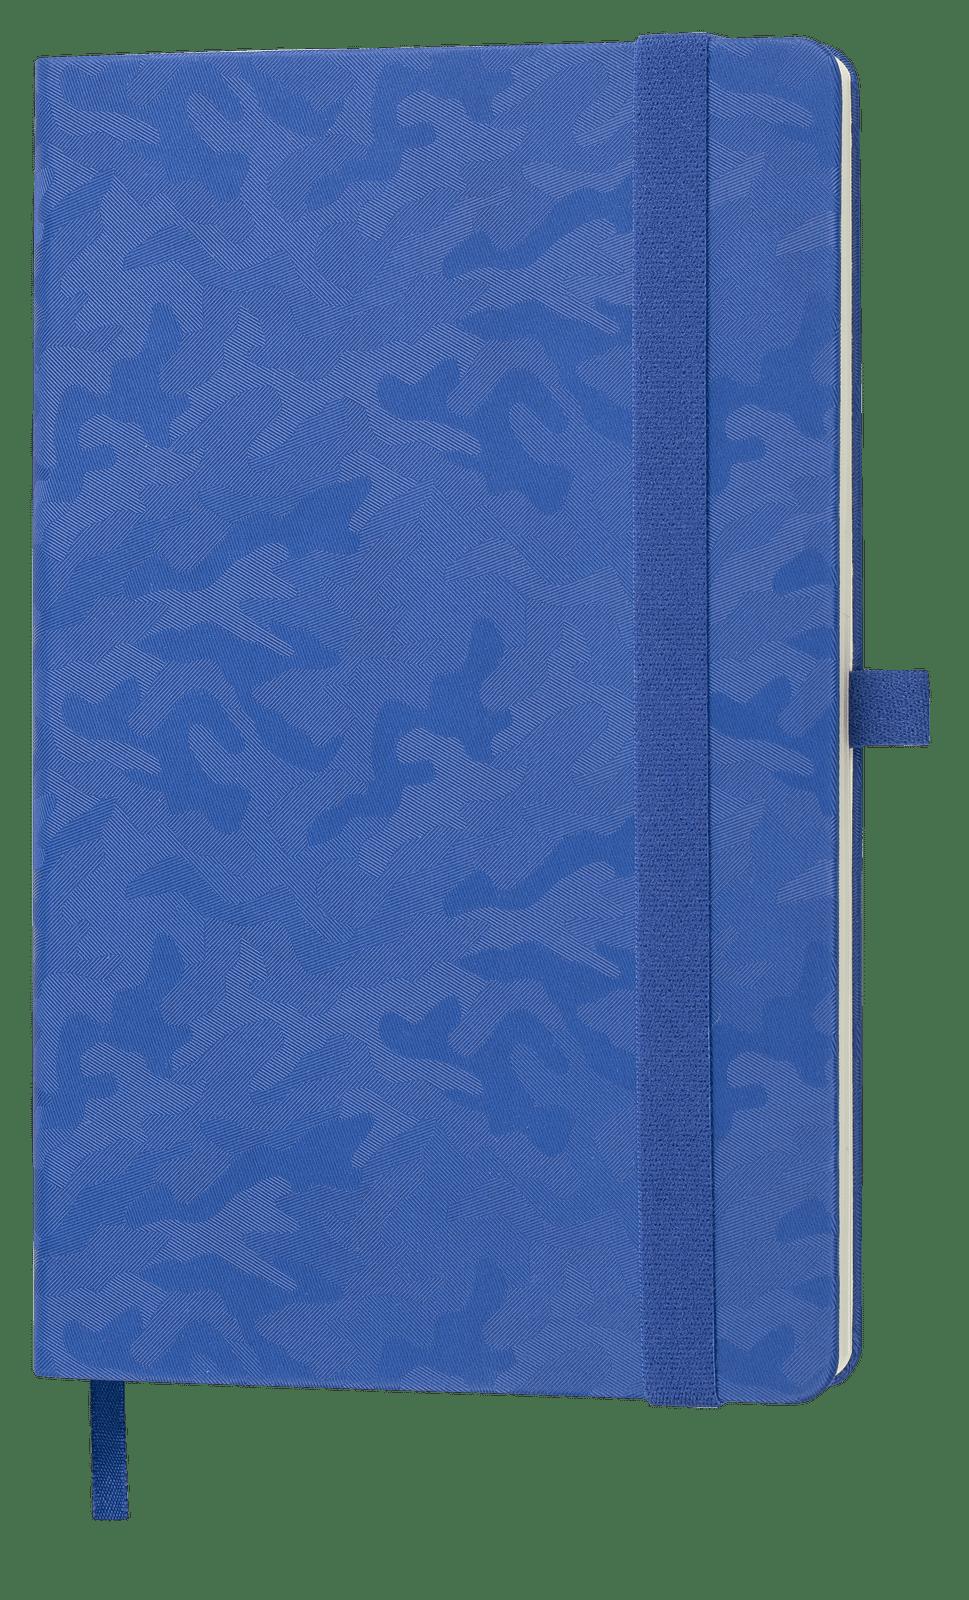 TM21224_25 - Tabby Justy azul royal